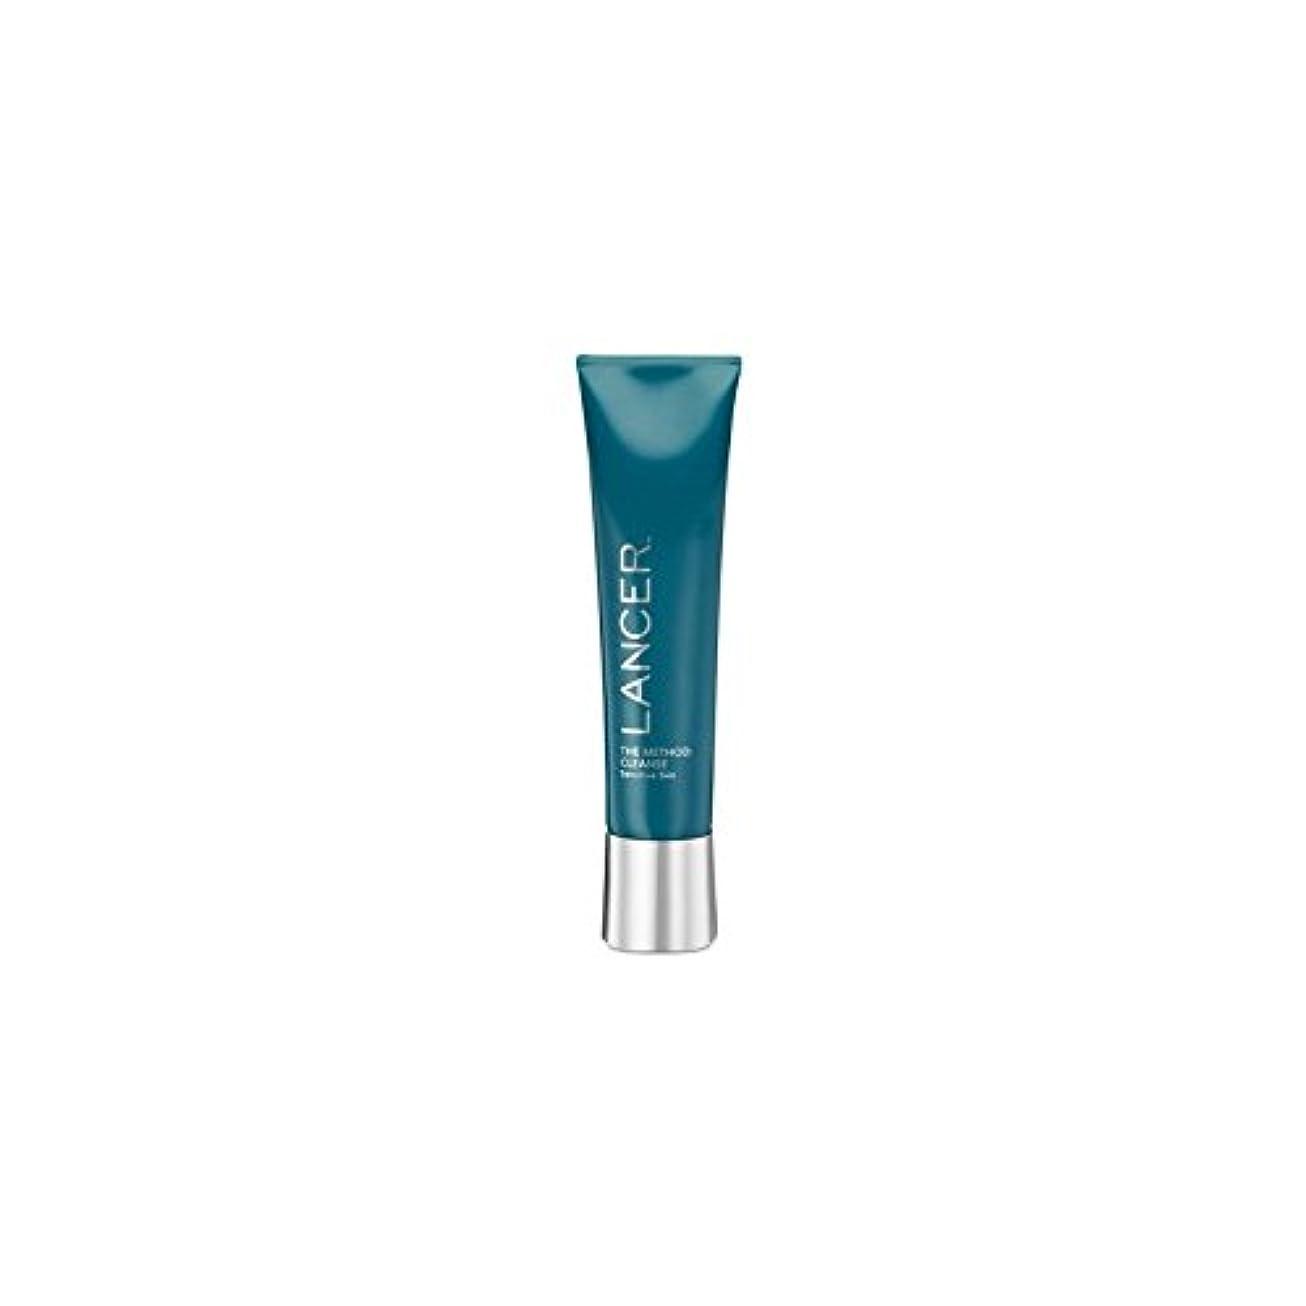 場所許可する隙間Lancer Skincare The Method: Cleanser Sensitive Skin (120ml) - クレンザー敏感肌(120ミリリットル):ランサーは、メソッドをスキンケア [並行輸入品]